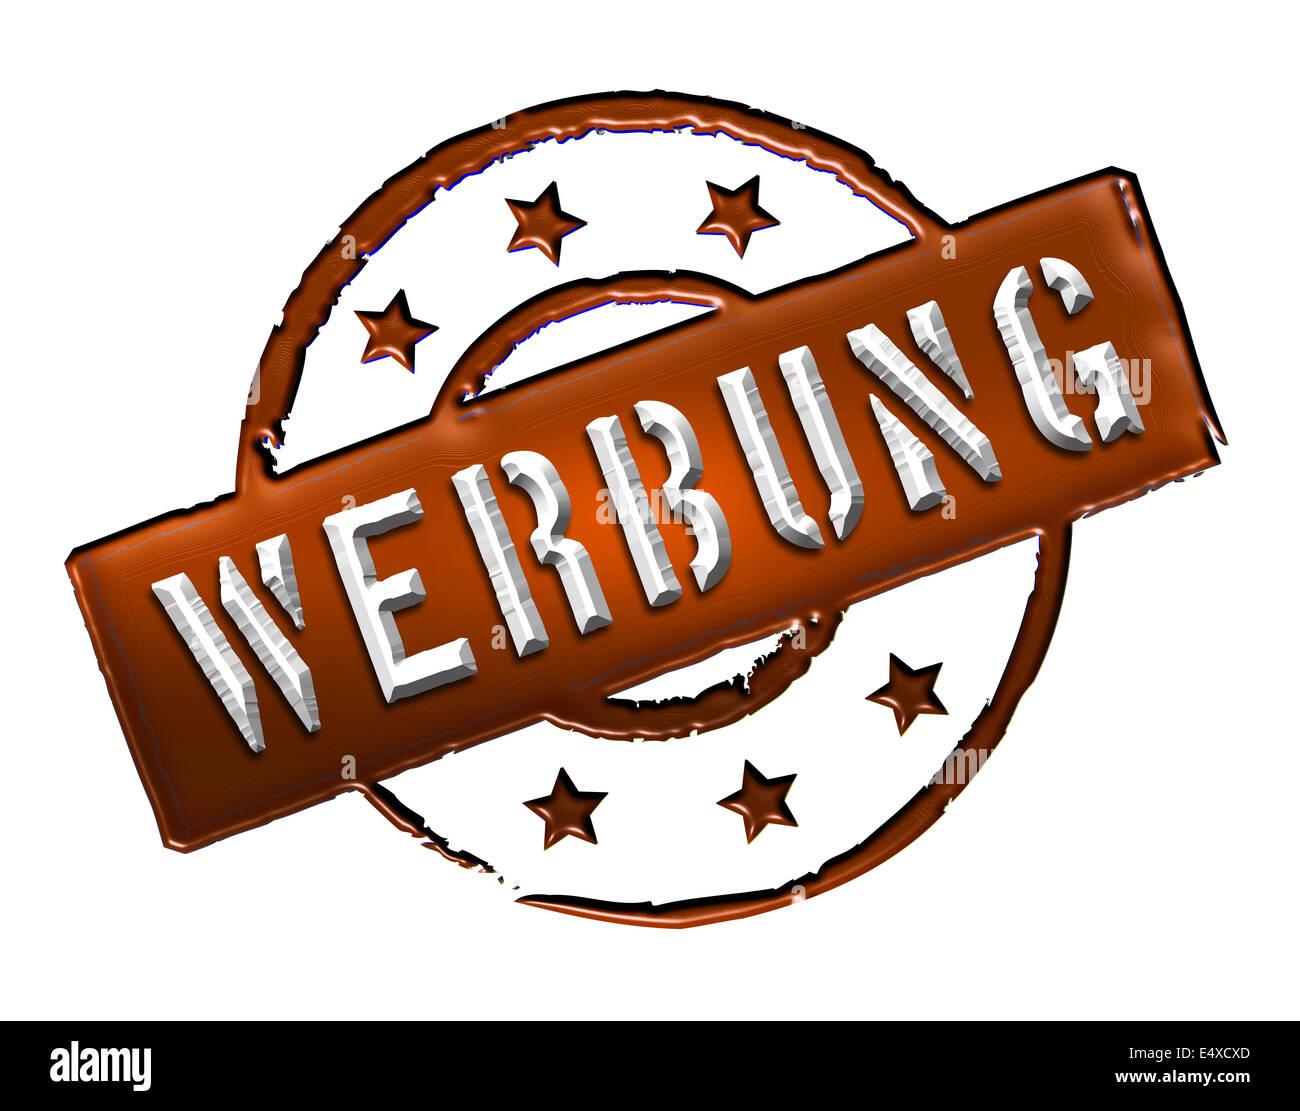 Stamp - Werbung - Stock Image